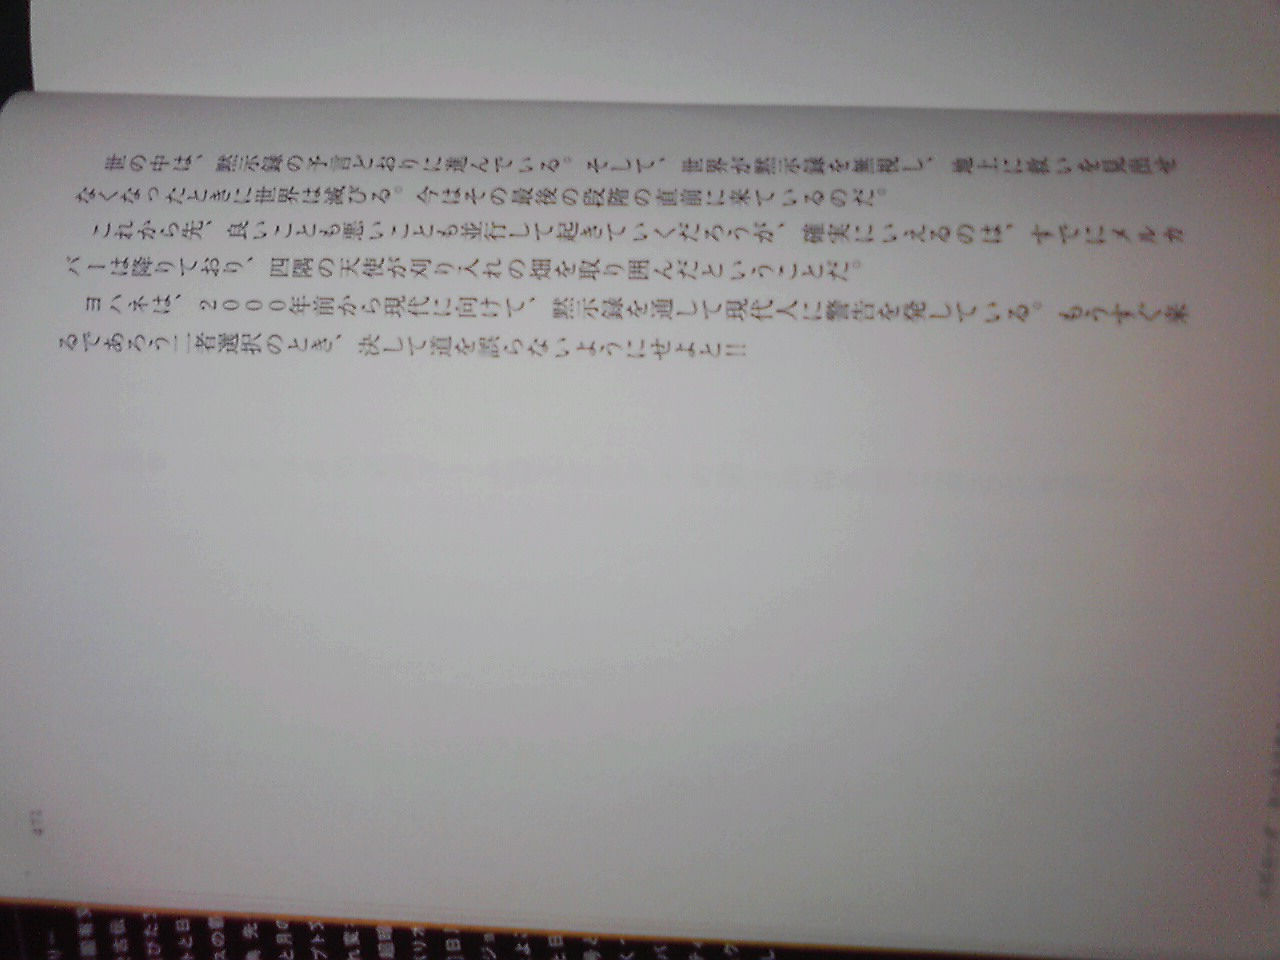 f:id:uta_stream:20171105114737j:plain